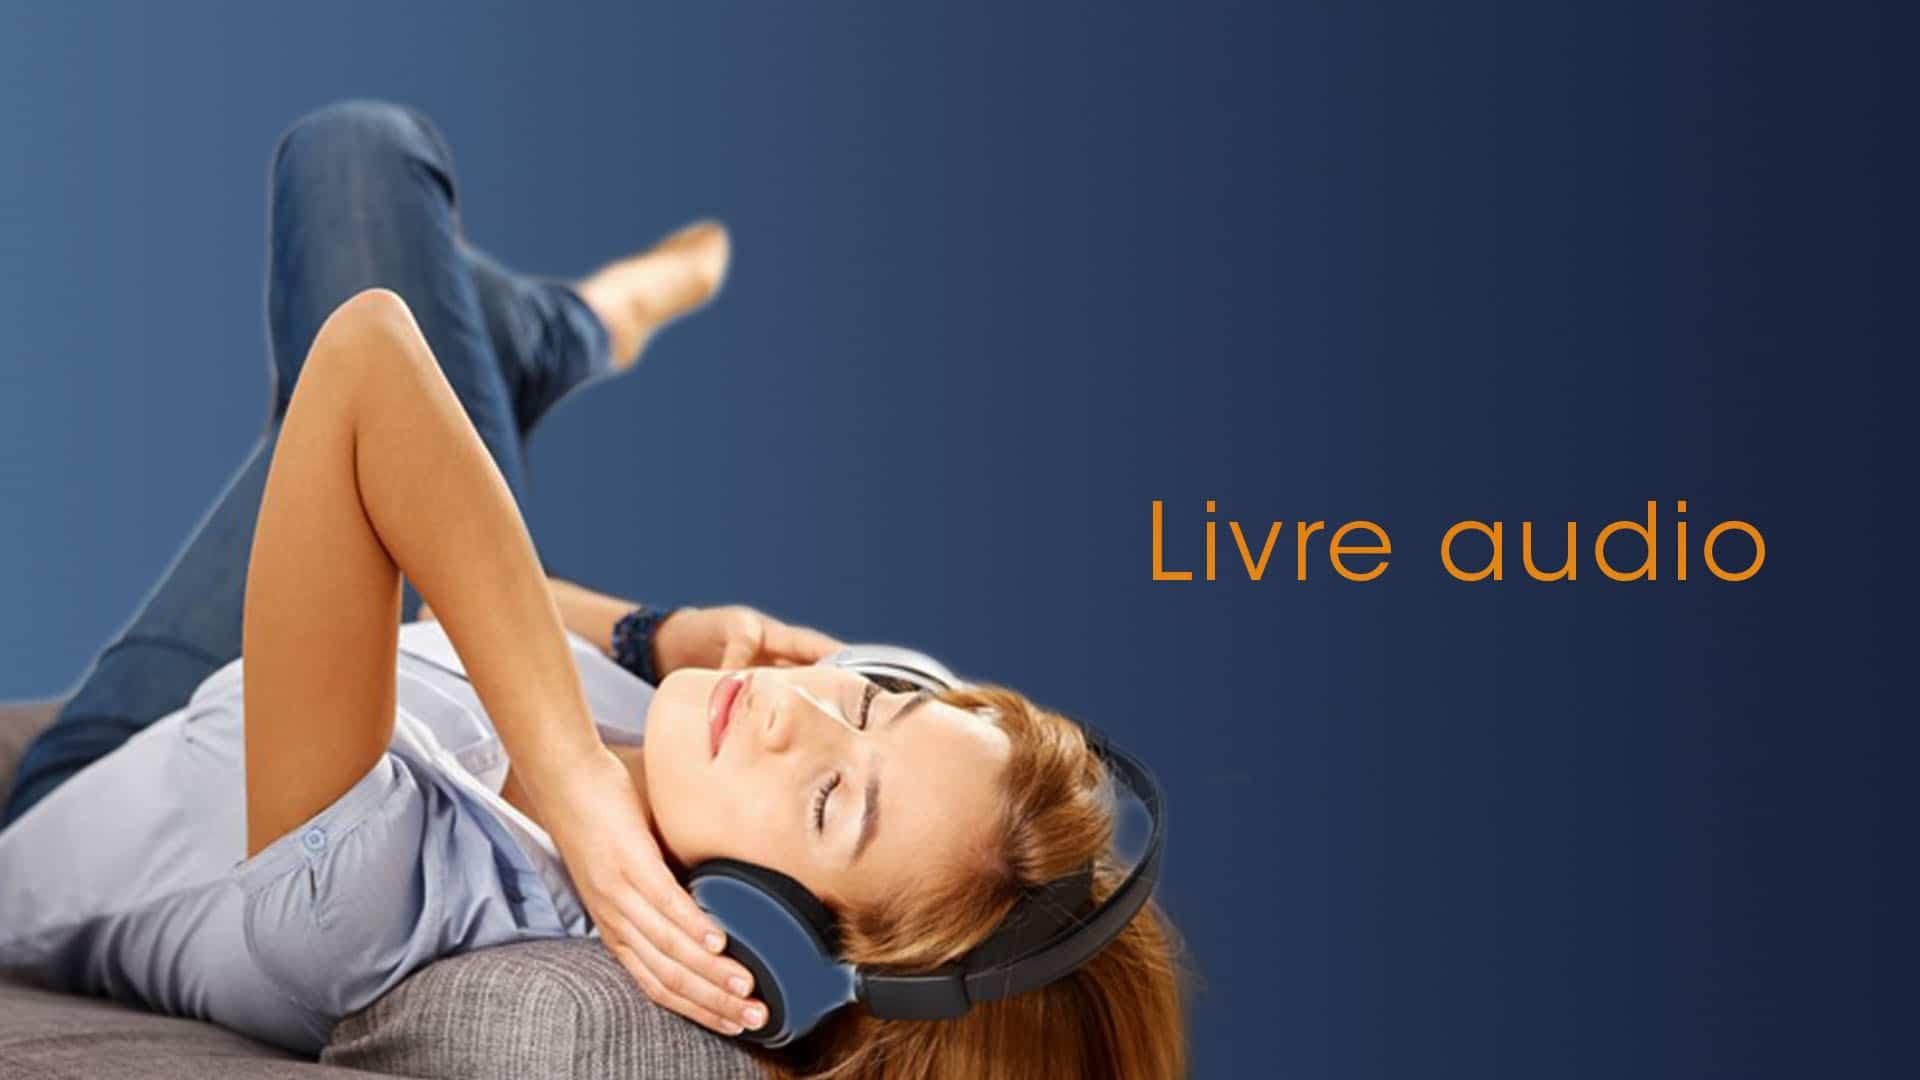 Image Livre Audio - Ecole de PNL de Lausanne - epnll